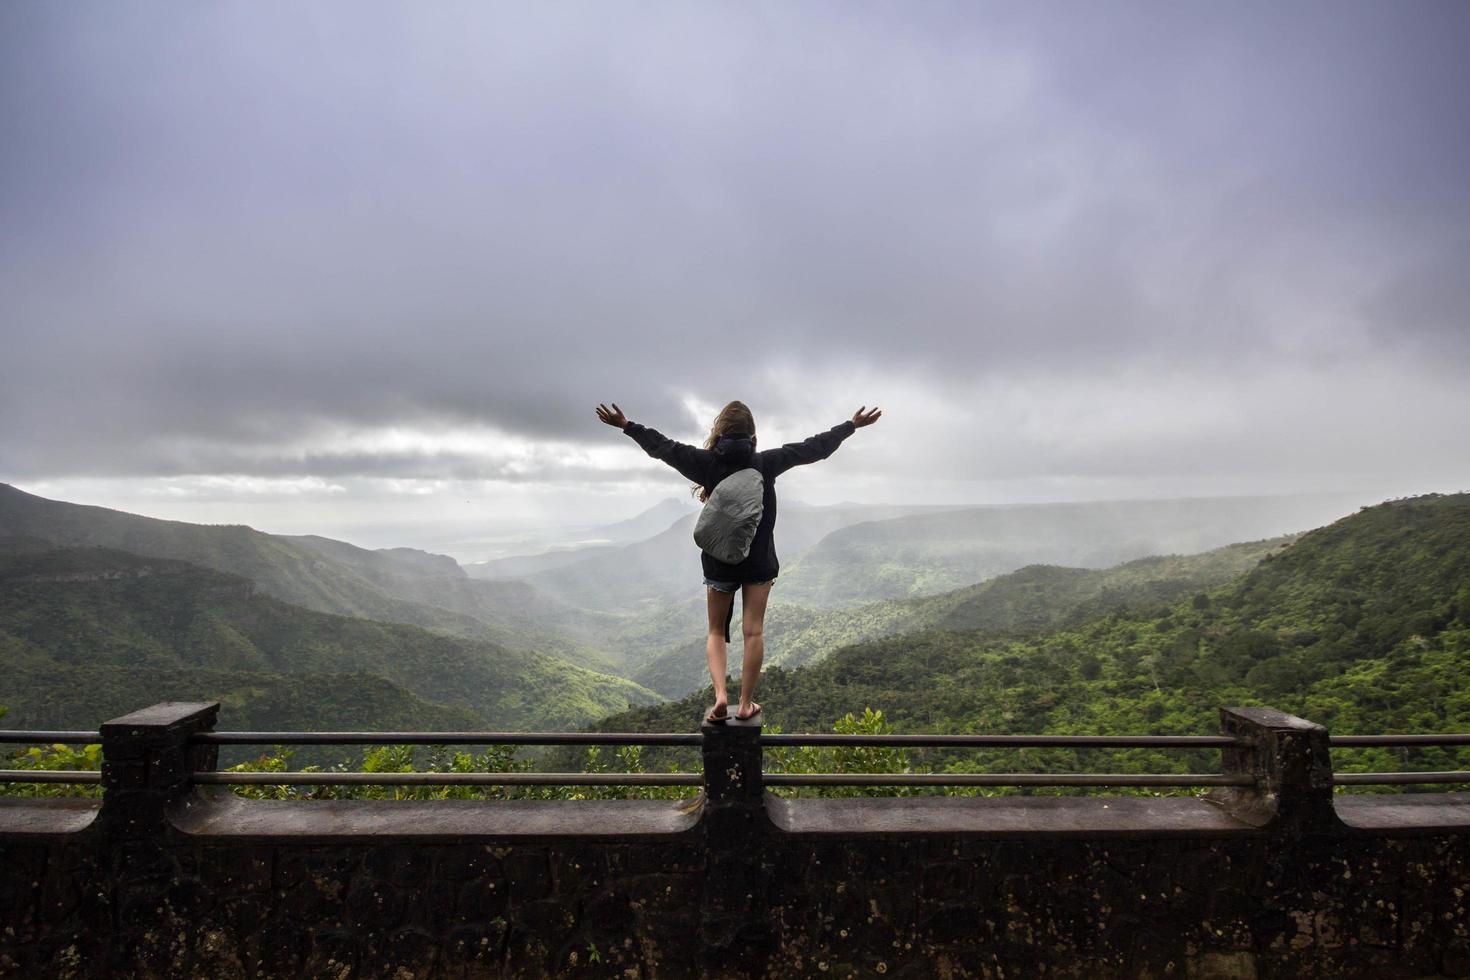 femme debout sur des balustrades en béton photo